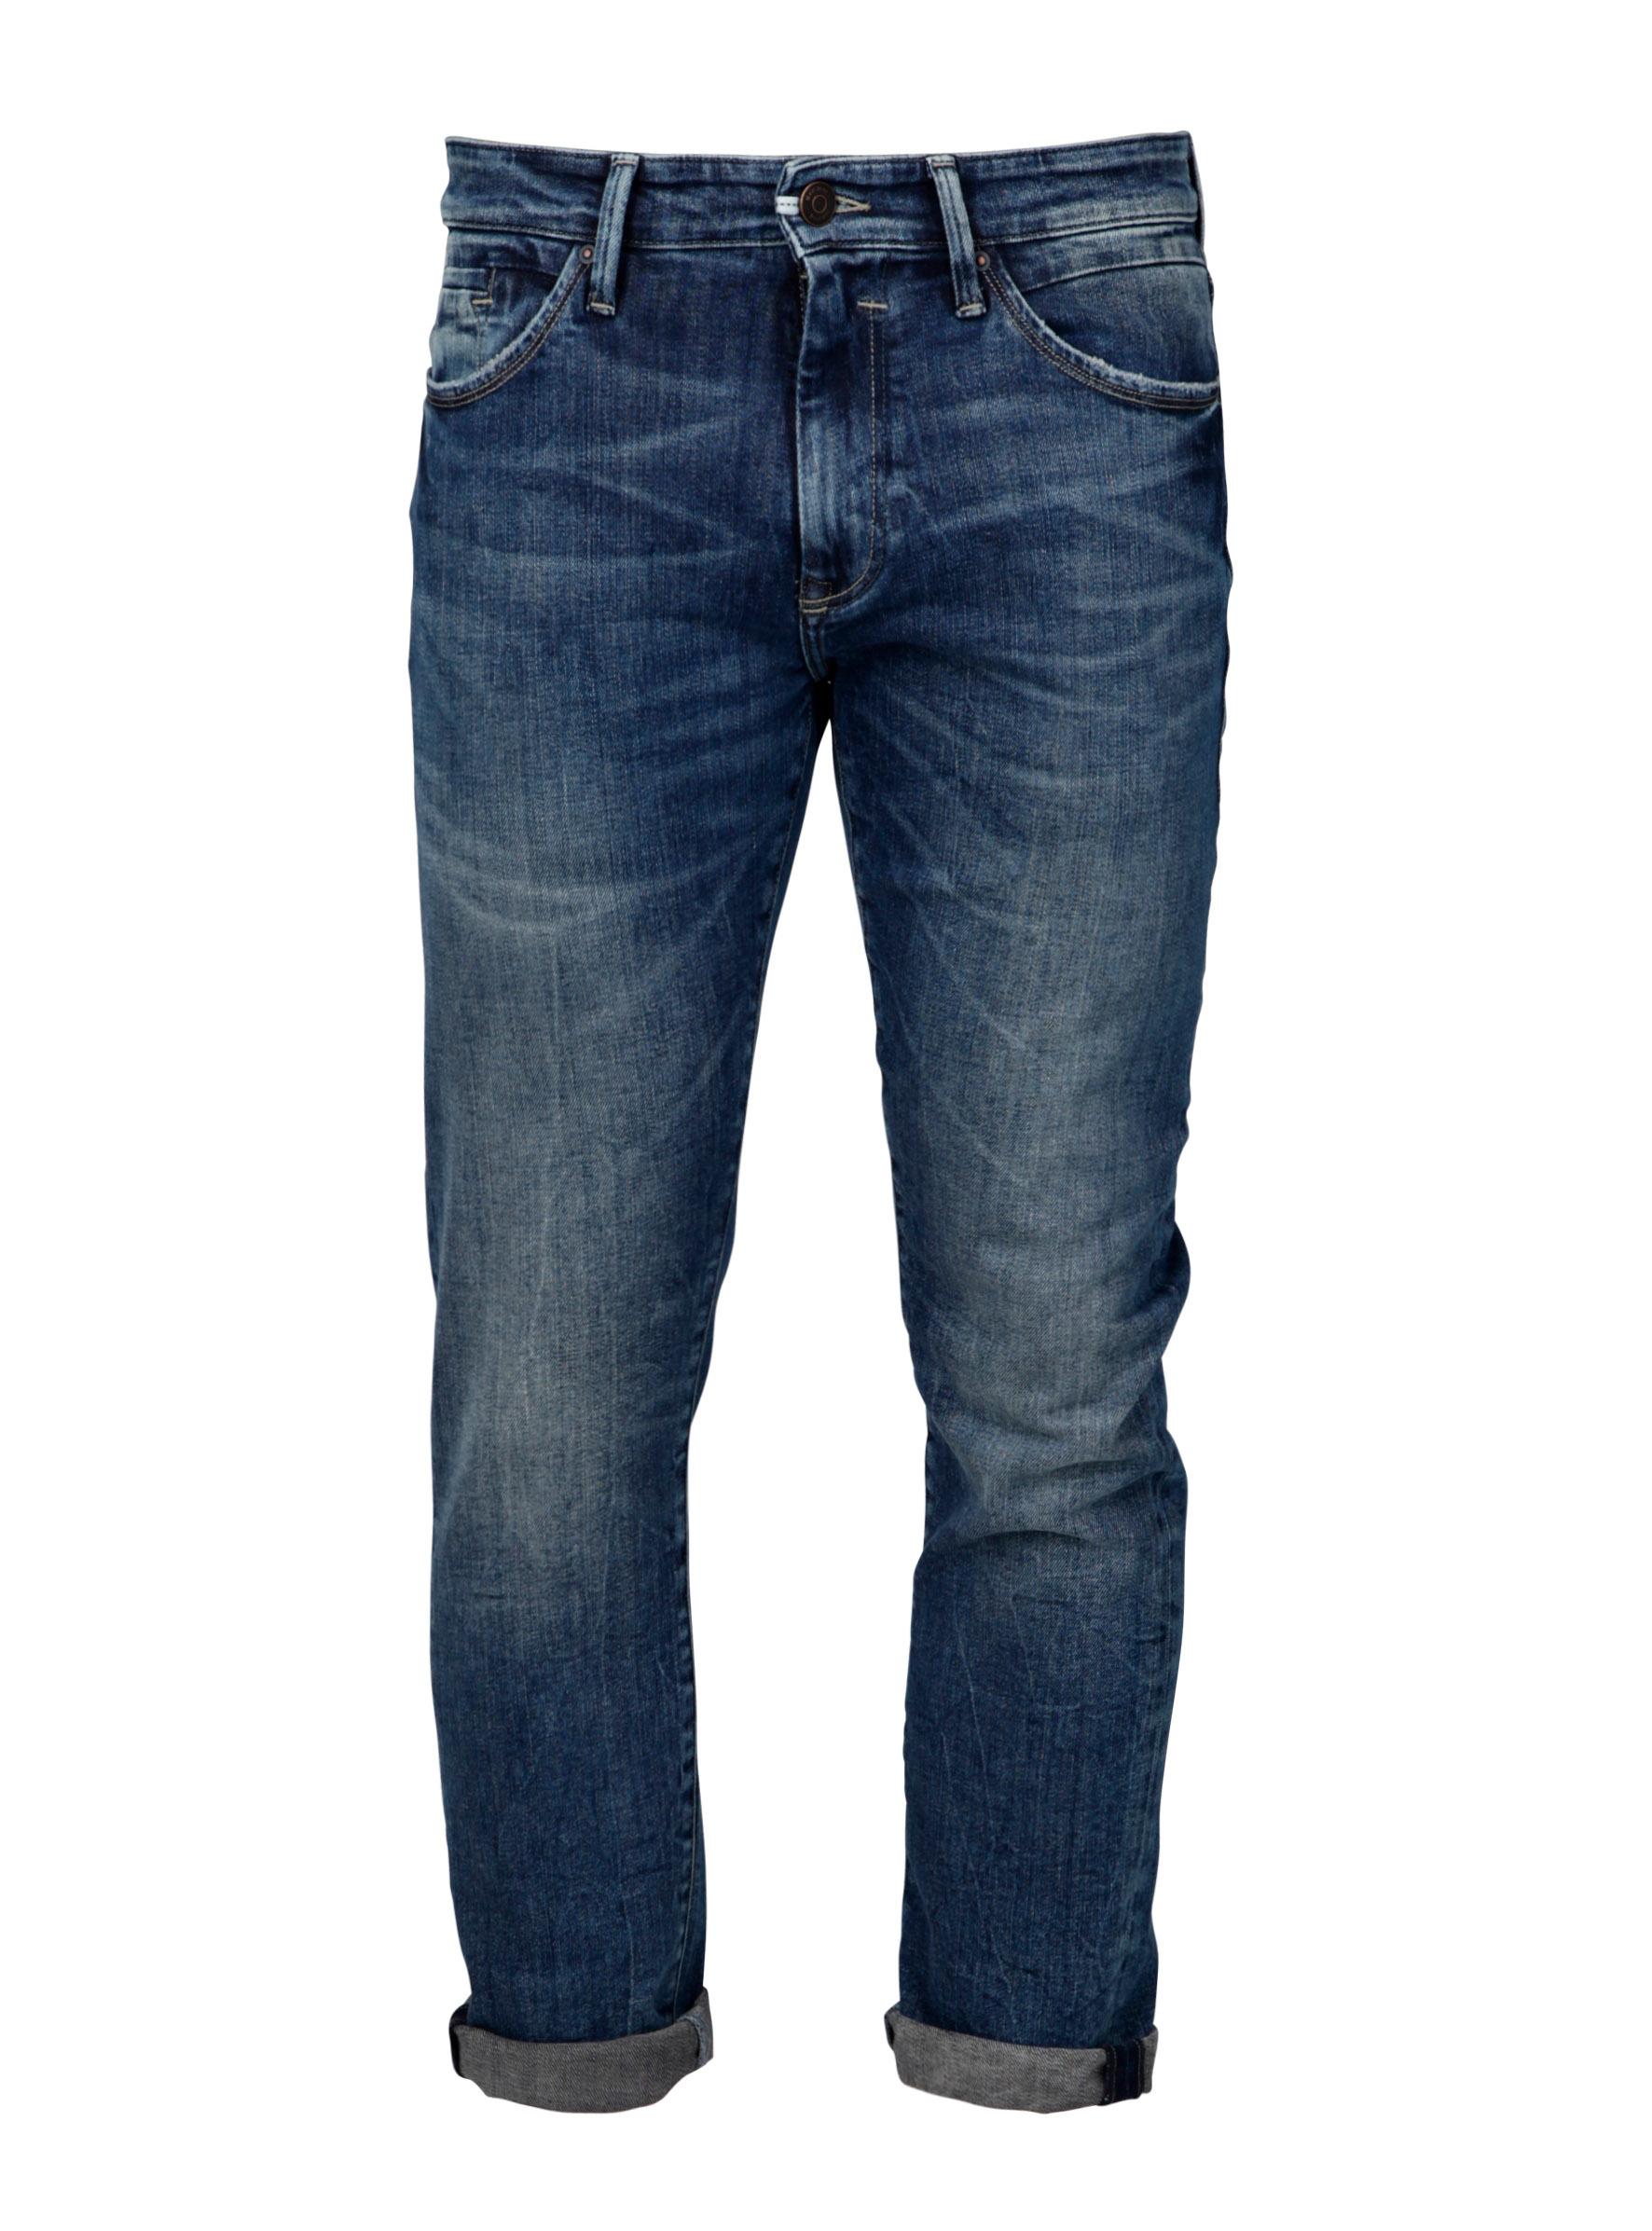 Jeans Hosen Fit Dean Slim Skinny in dunkel Blau bei Mavi Jeans